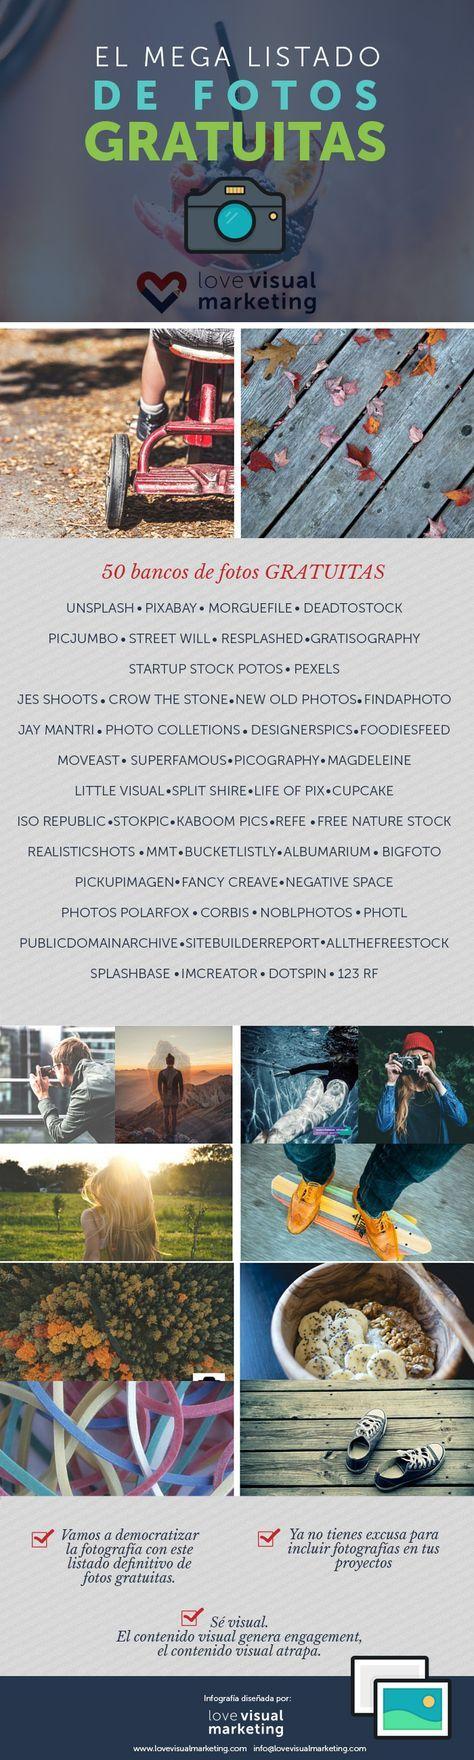 El mega listado de 50 bancos de fotos gratuitas para tus proyectos online.  Encontrarás imágenes espectaculares, originales y nada artificiales. Y lo mejor que la gran mayoría son libres de uso. Entra al post y mira lo que tengo para ti.